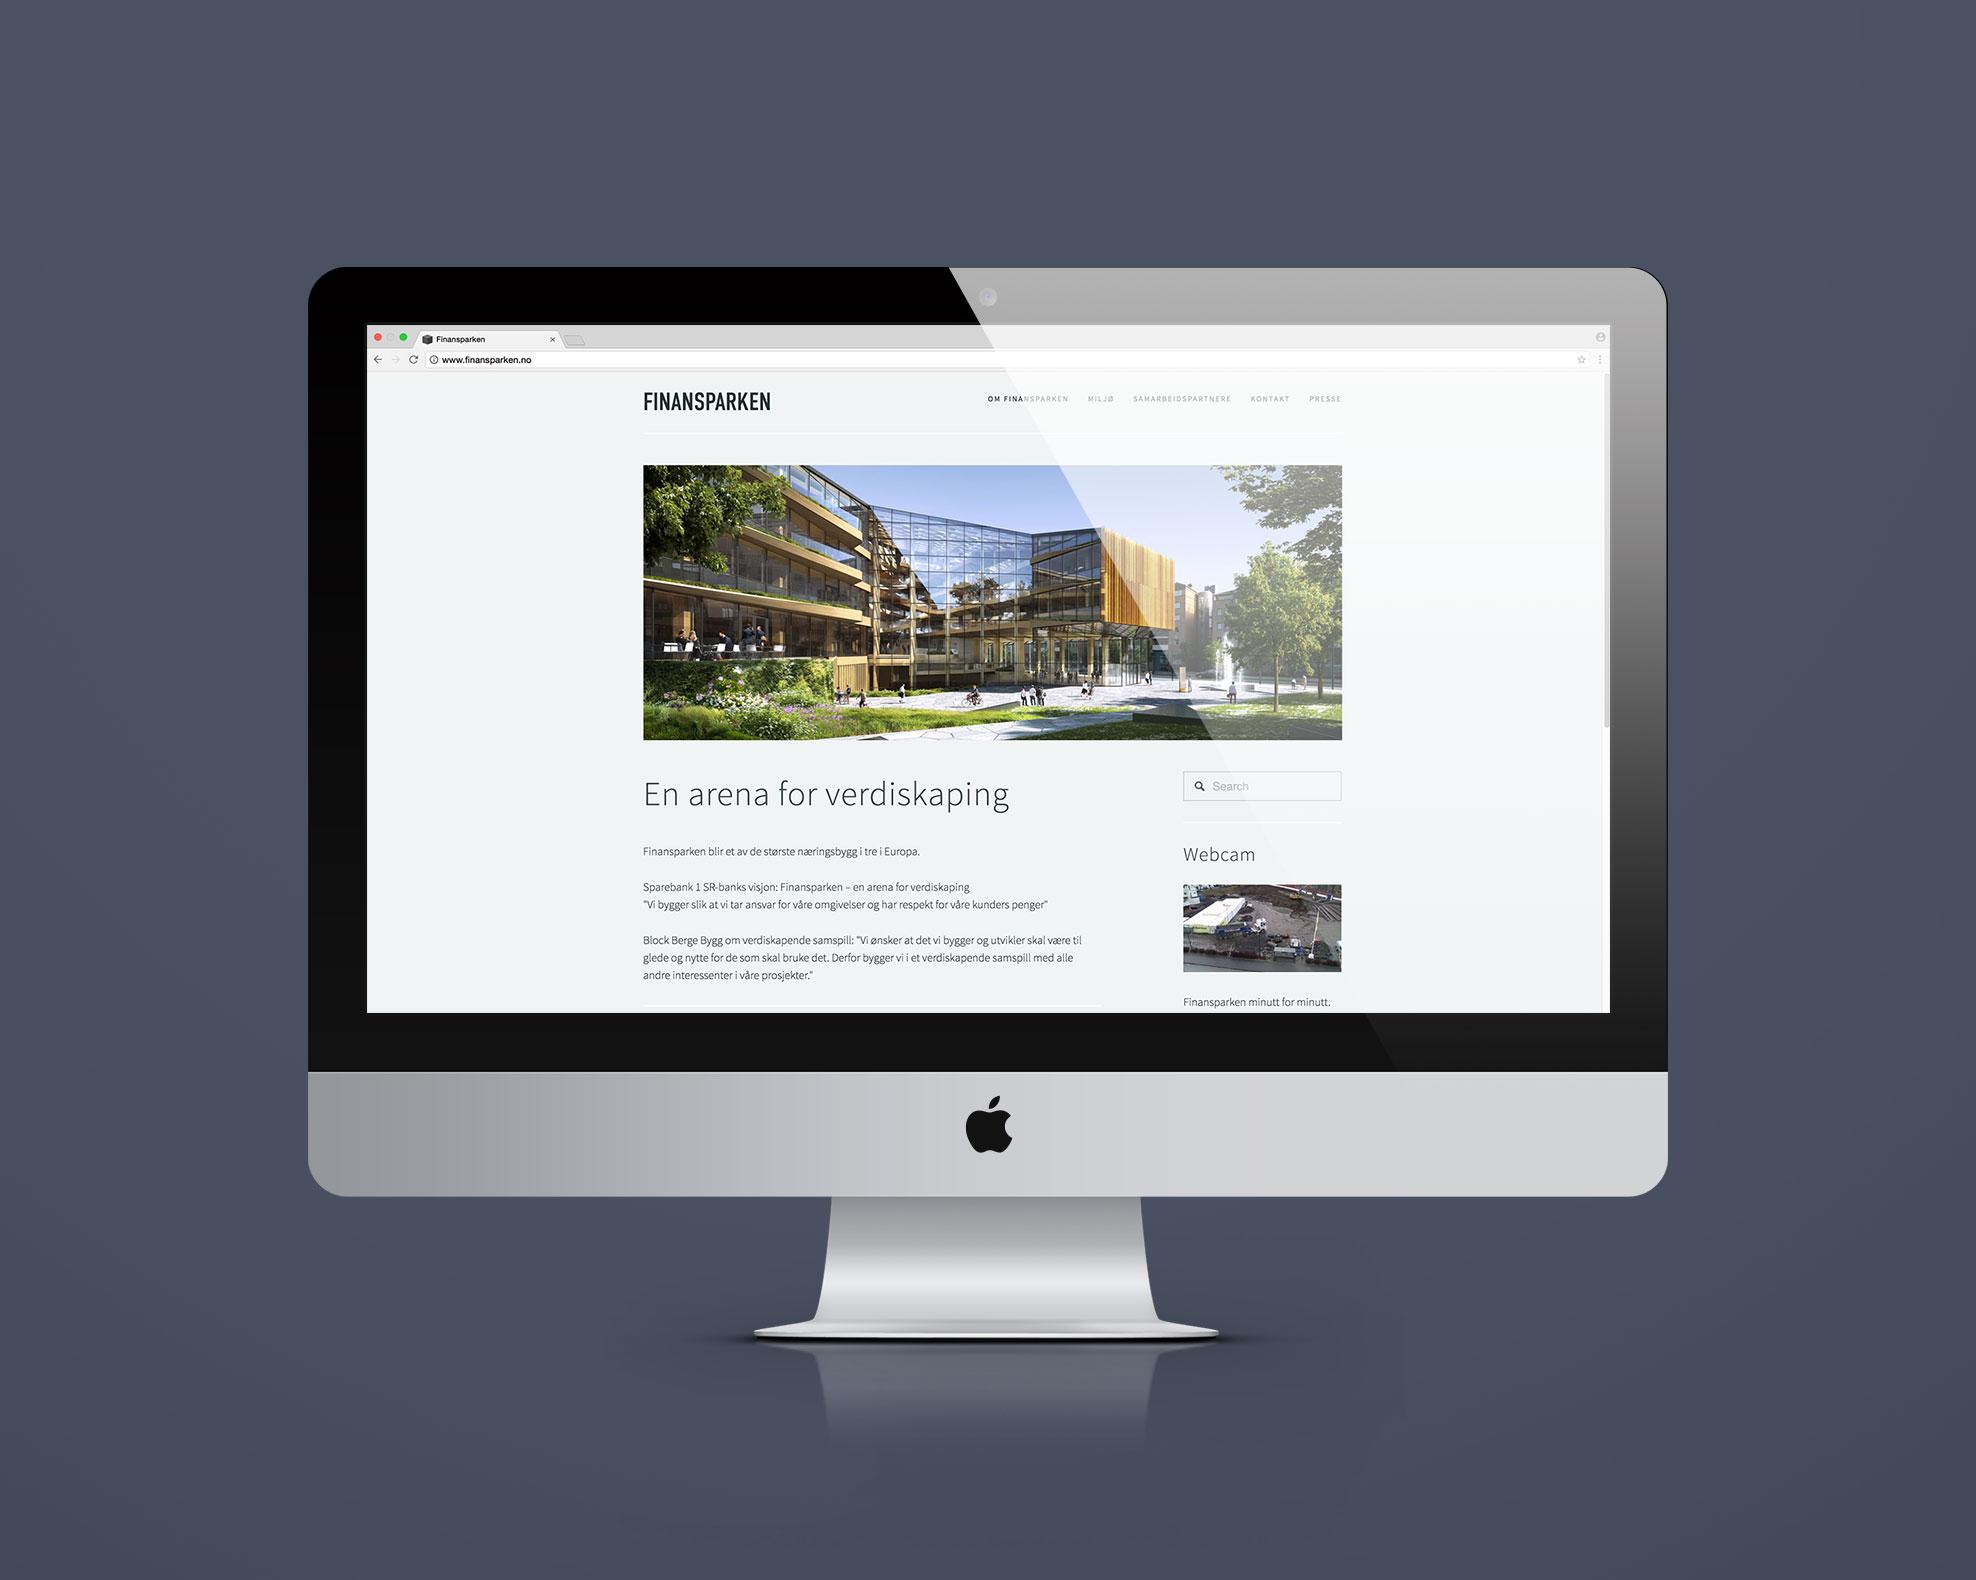 Finansparkens hjemmeside